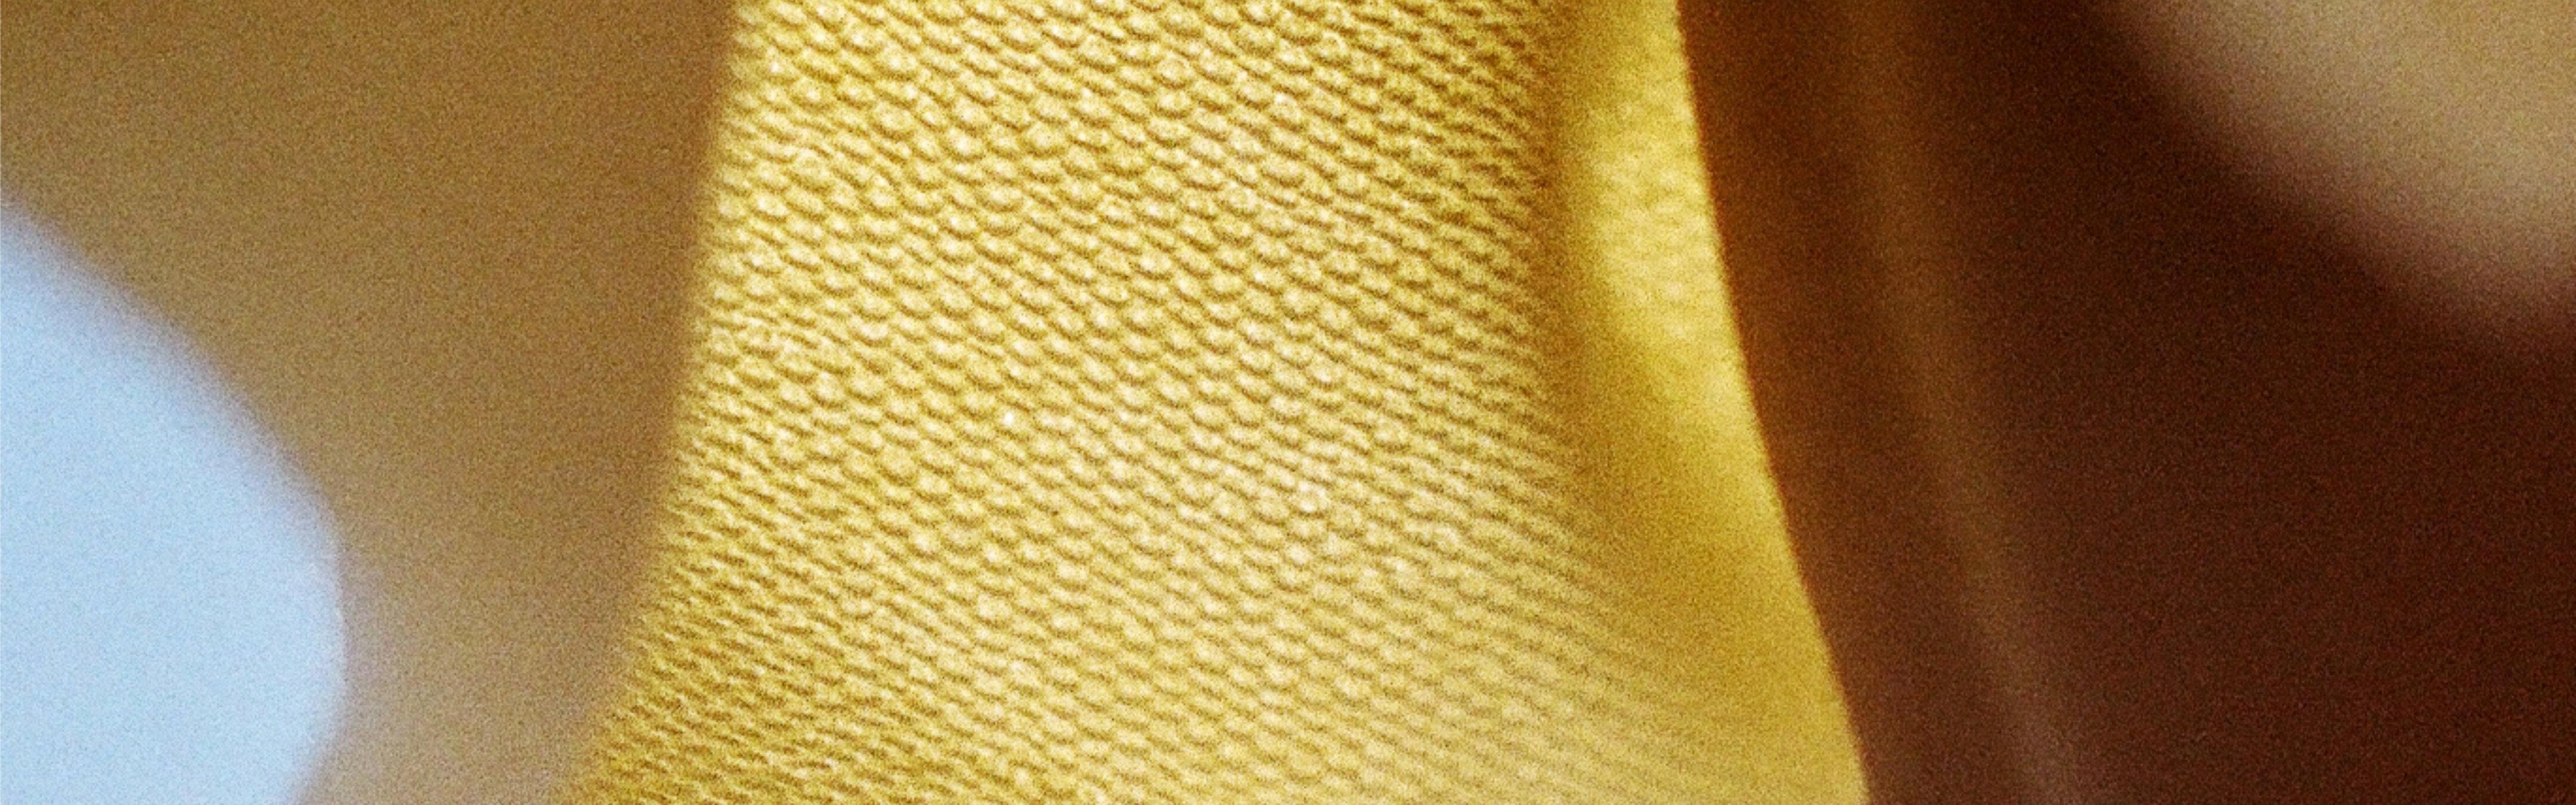 Sweatfleece Fabrics Banner